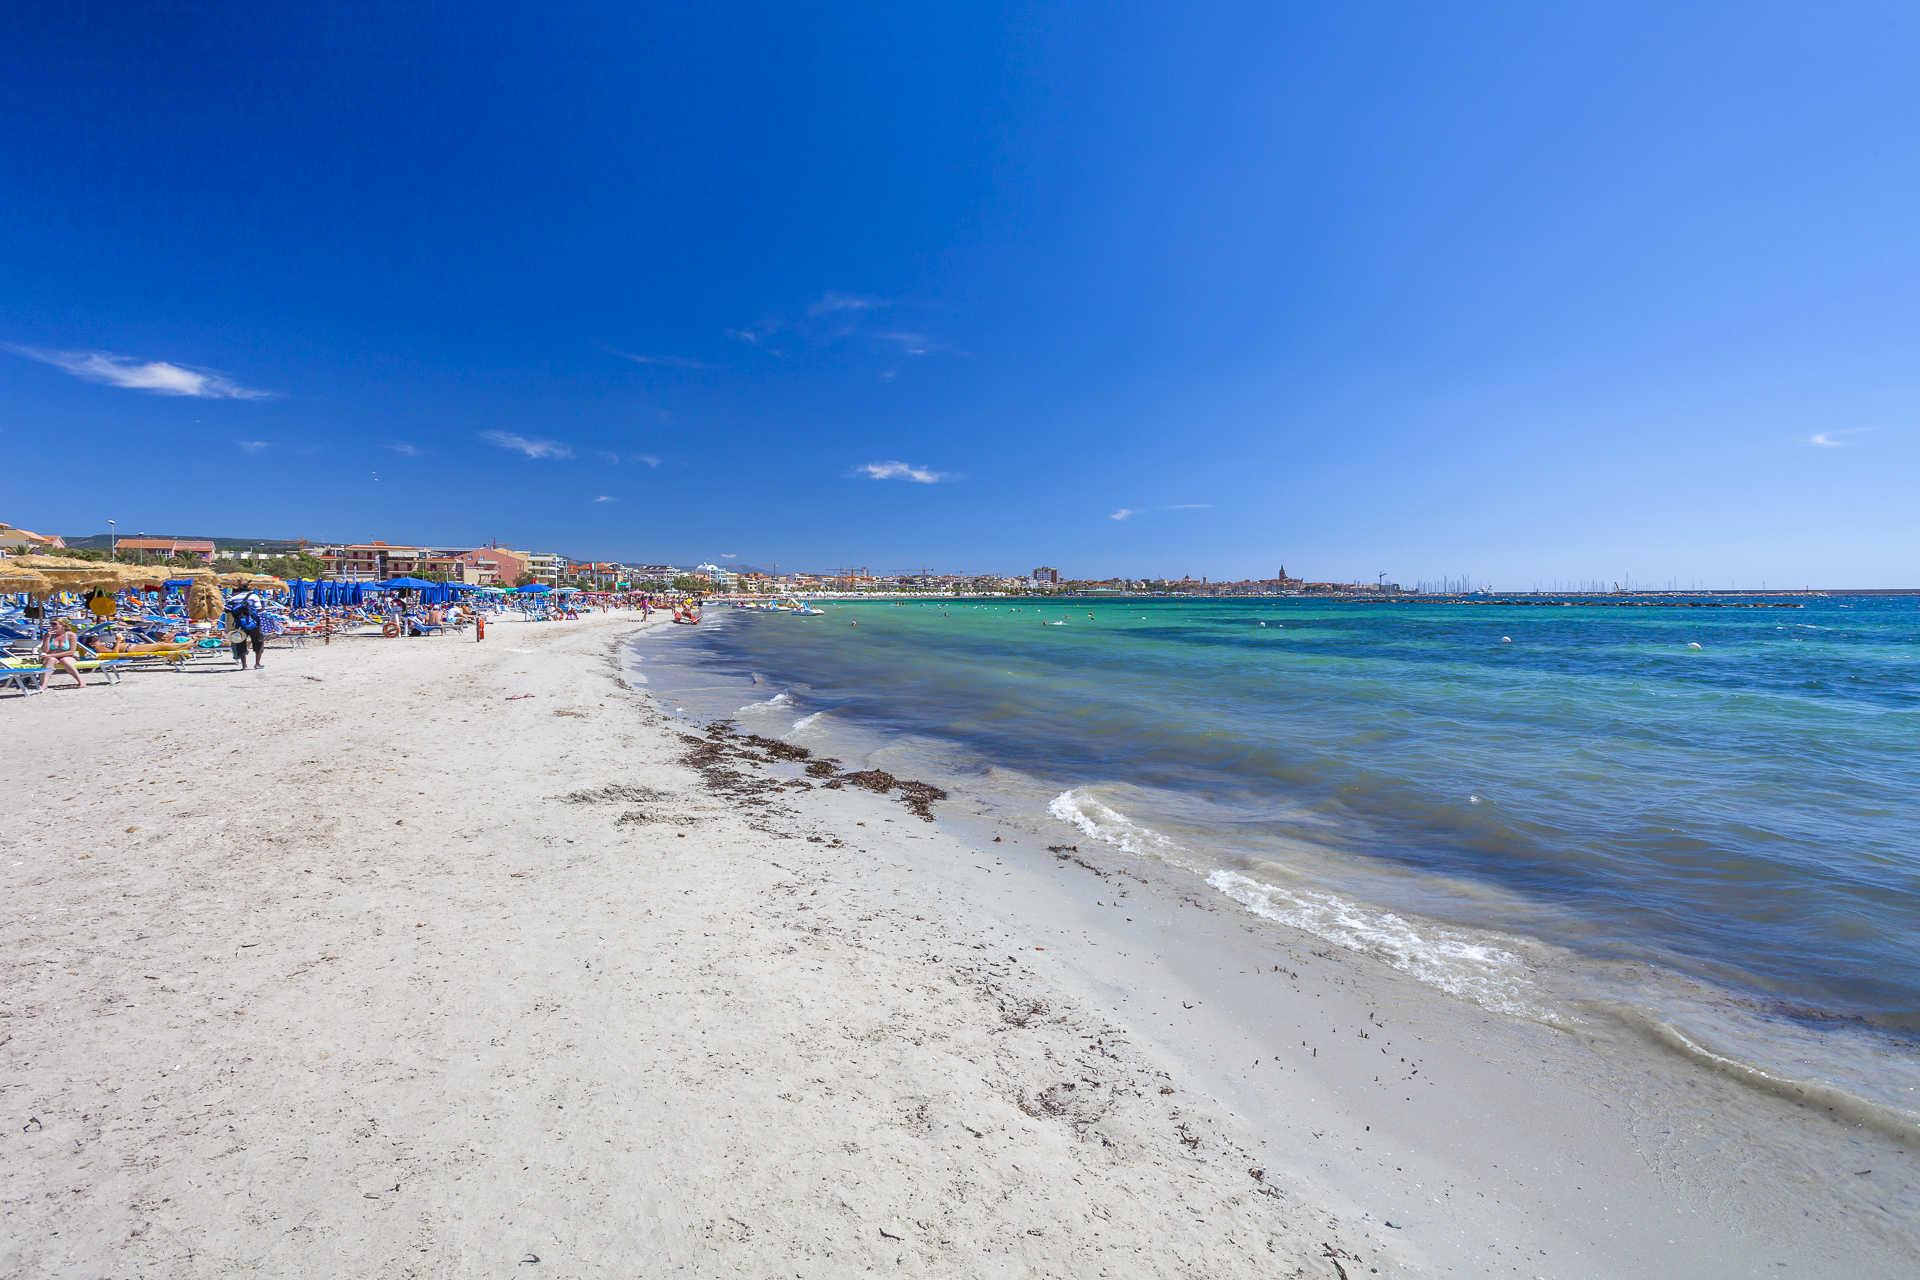 Lido San Giovanni Sardegnaturismo Sito Ufficiale Del Turismo Della Regione Sardegna